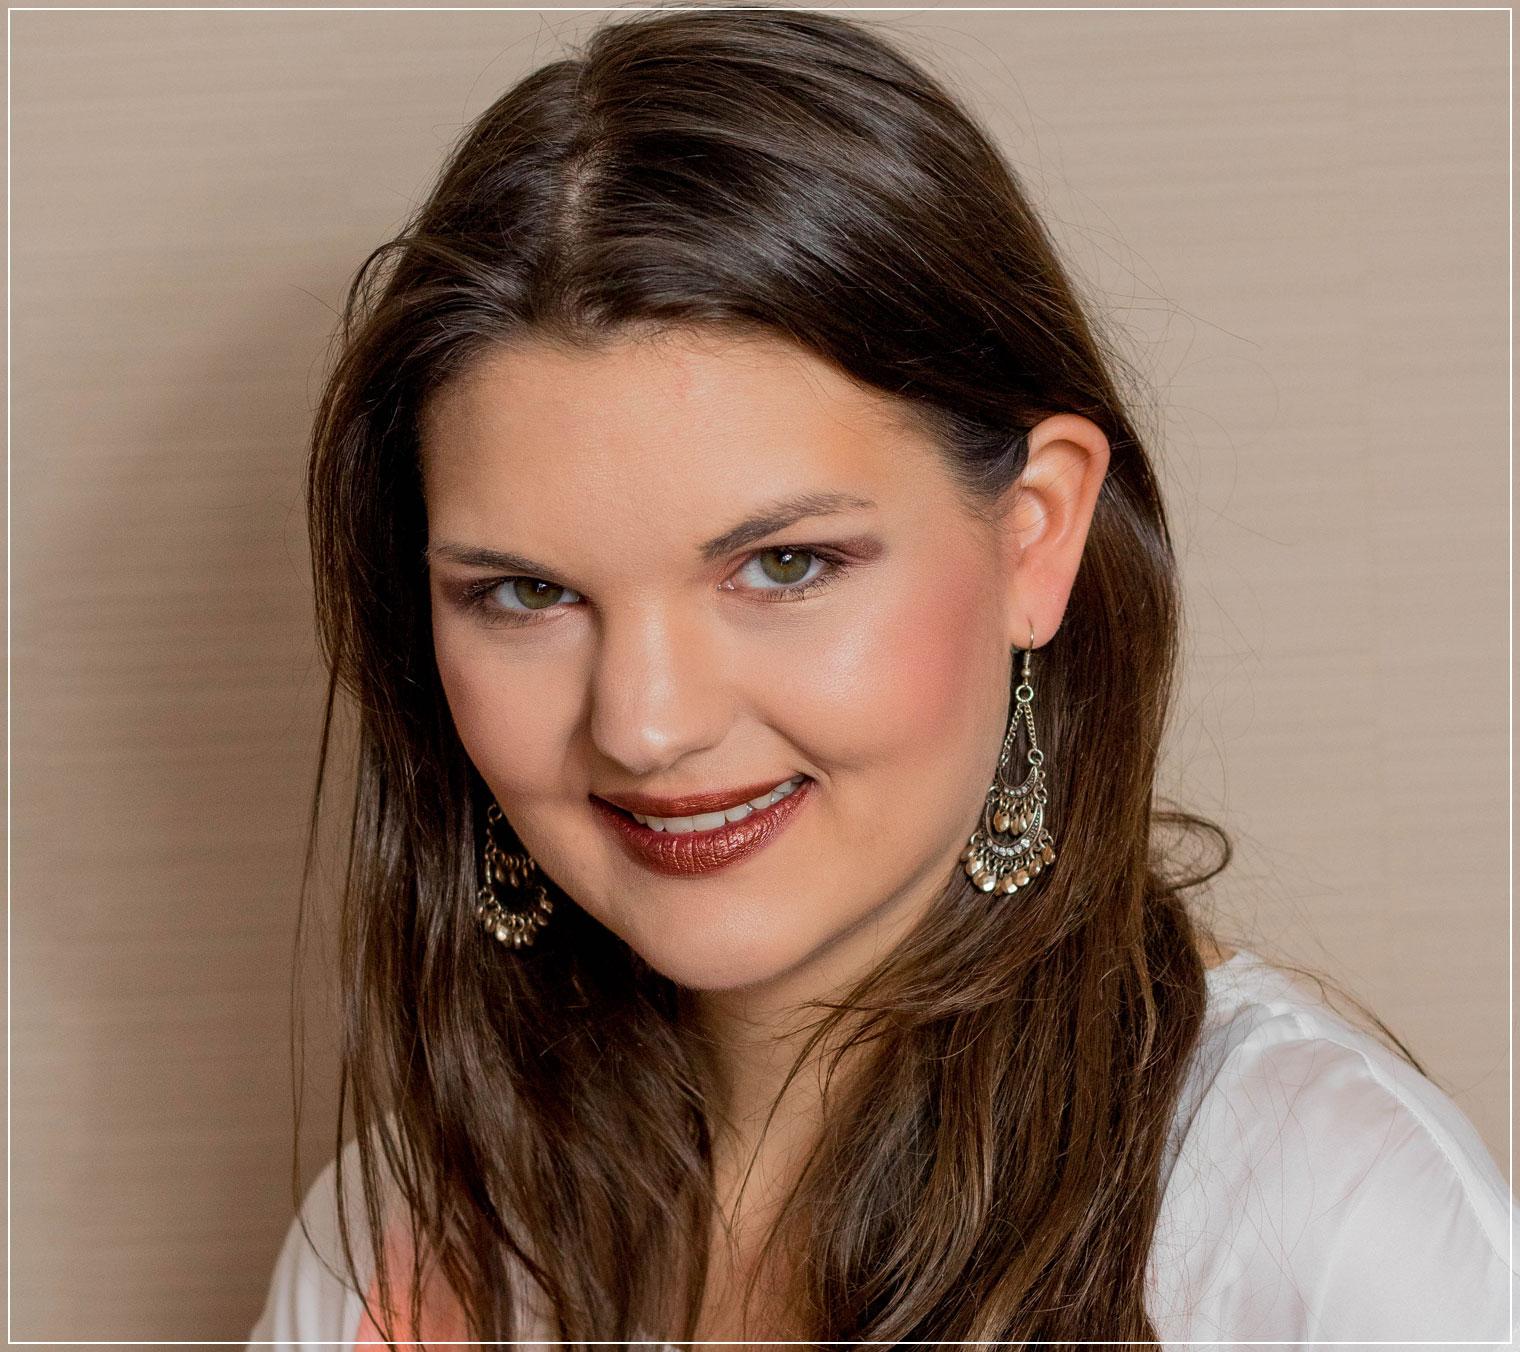 leichtes Alltags-Make-Up, Alltags-Make-Up, Sommer-Make-Up, Summer-Make-Up, DIY-Make-Up, Beautytutorial, Make-up Tutorial, Beauty Blog, Beautybloggerin, Ruhrgebiet